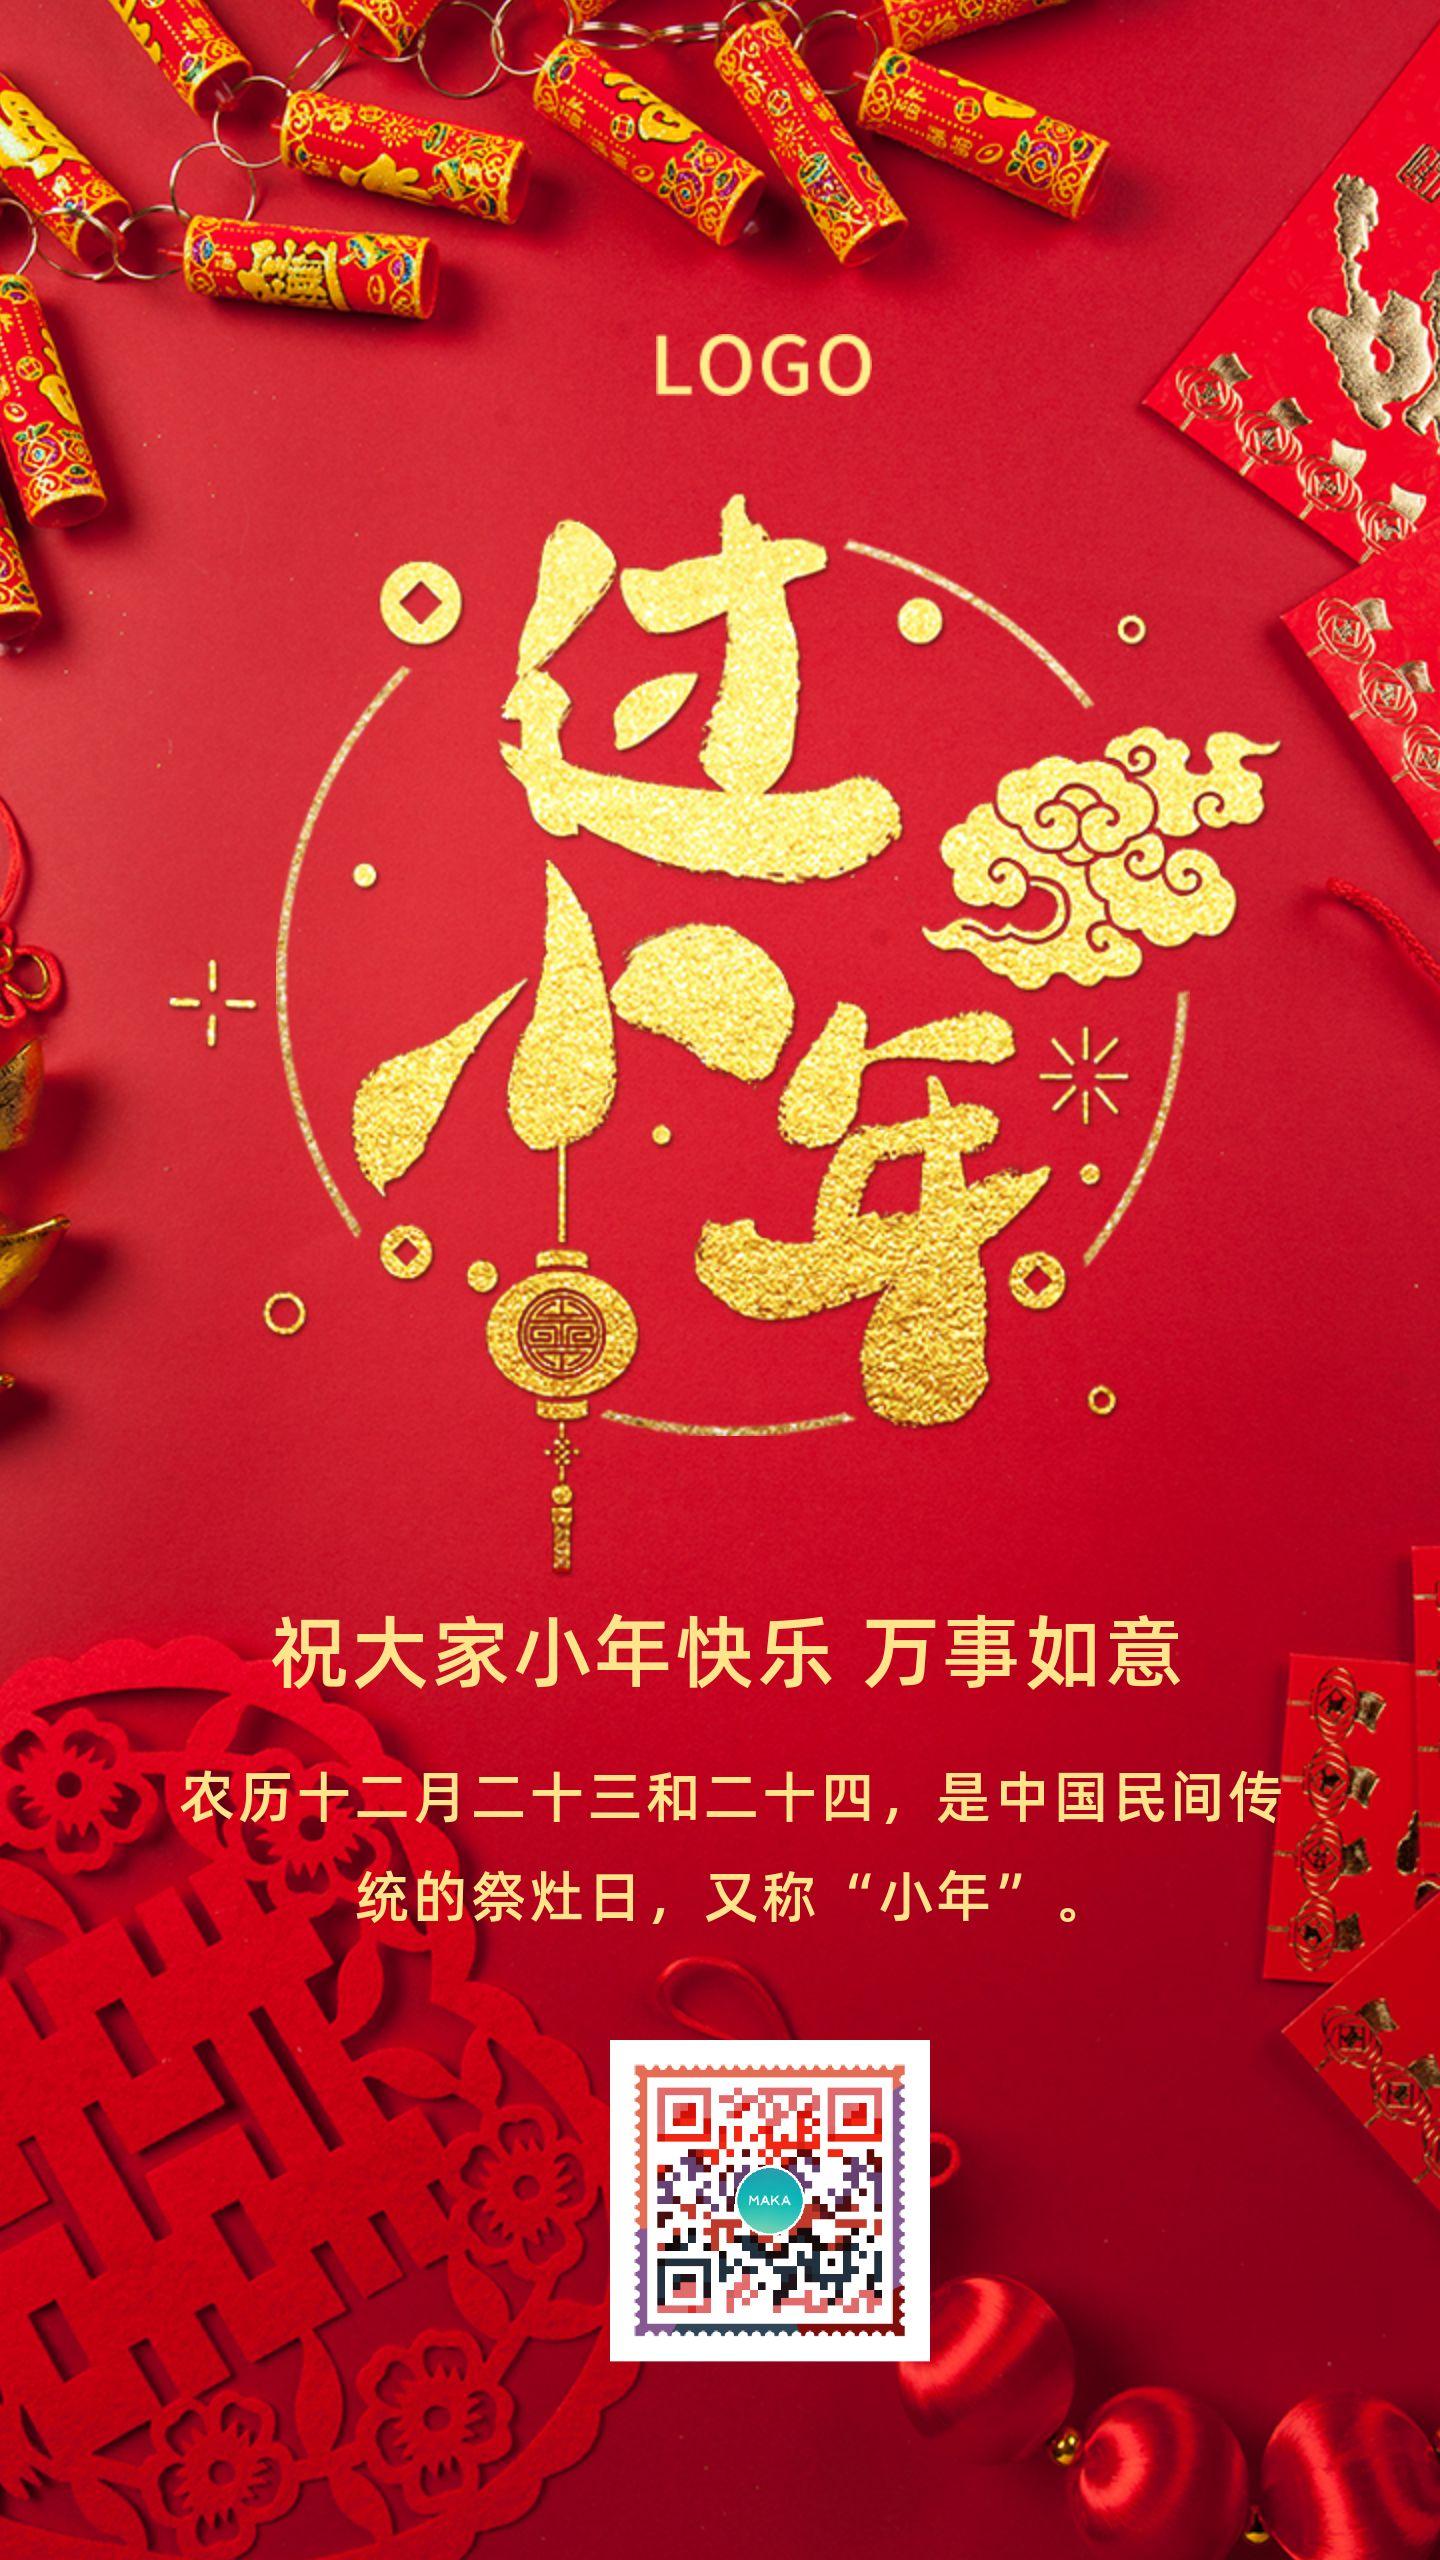 红色喜庆过小年夜祭灶节祝福贺卡促销二十四节气早安晚安节气日签心情海报